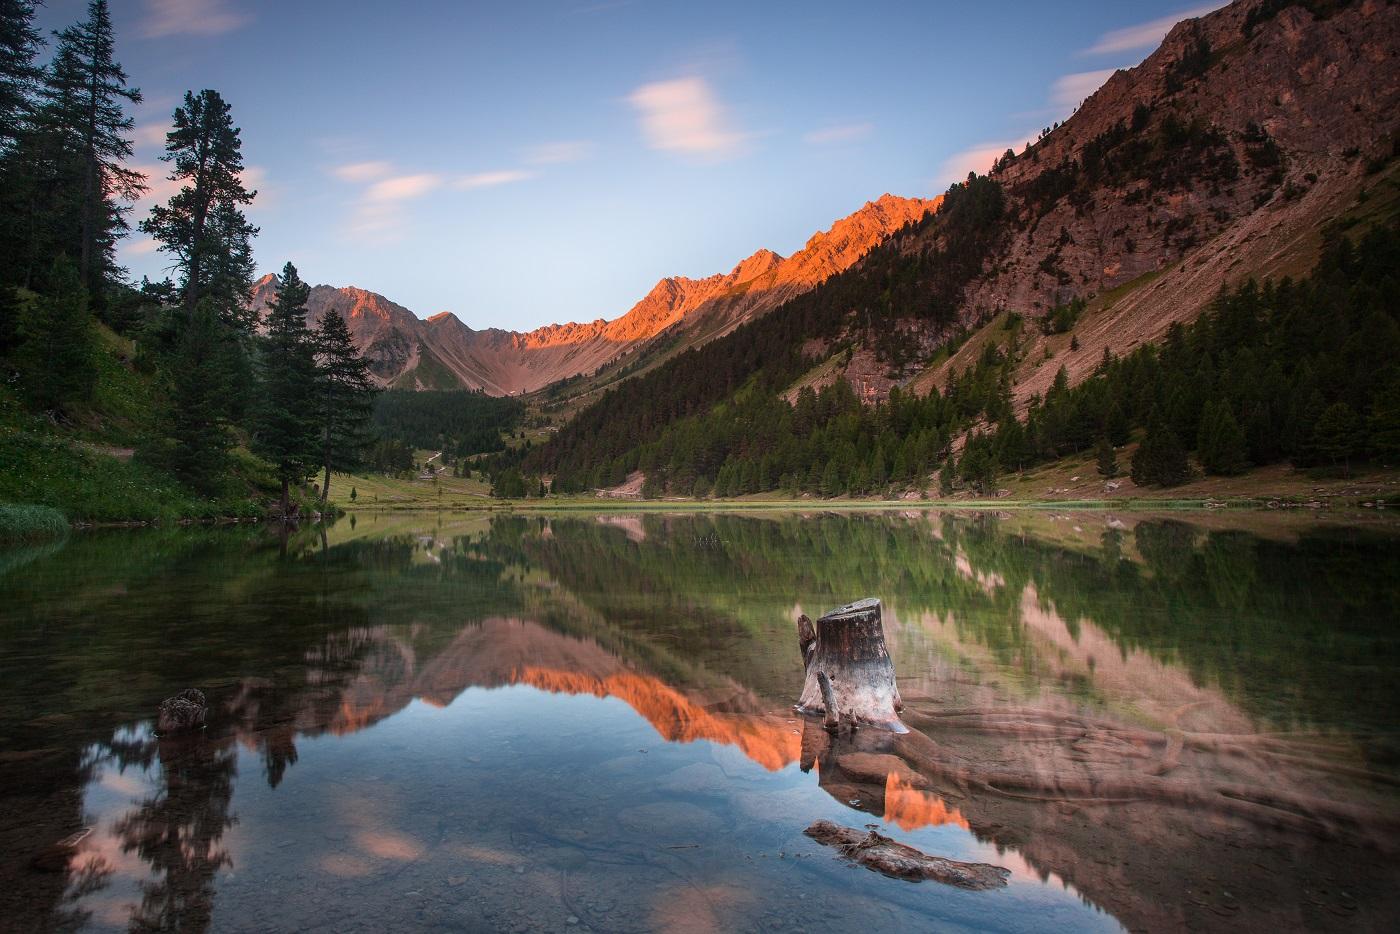 Lac de l'Orceyrette©Thibaut Blais